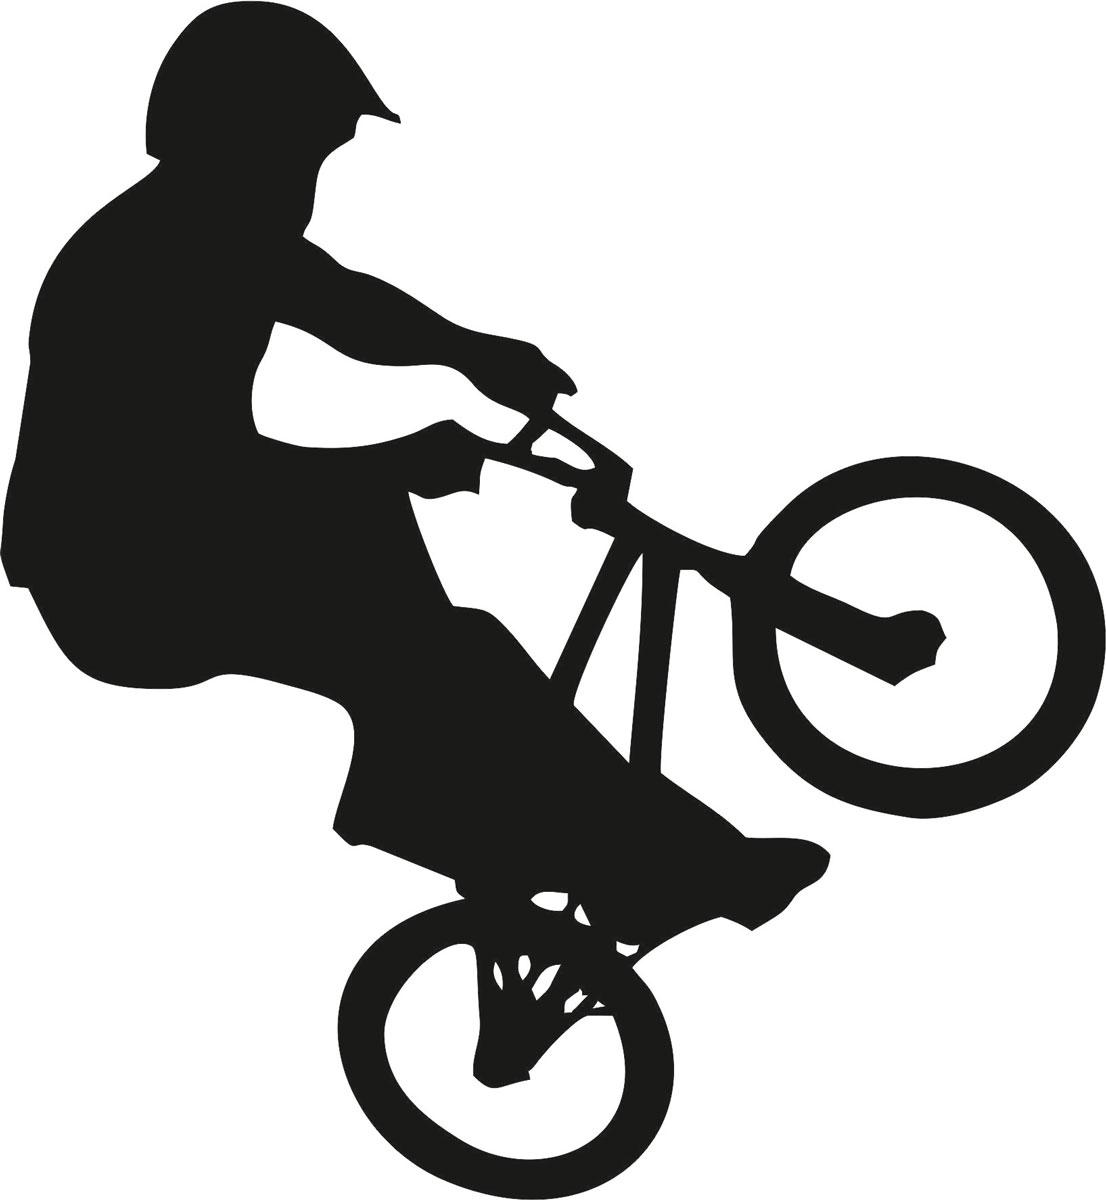 Наклейка автомобильная Оранжевый слоник Велосипед, виниловая, цвет: черный150SP00042BОригинальная наклейка Оранжевый слоник Велосипед изготовлена из высококачественной виниловой пленки, которая выполняет не только декоративную функцию, но и защищает кузов автомобиля от небольших механических повреждений, либо скрывает уже существующие. Виниловые наклейки на автомобиль - это не только красиво, но еще и быстро! Всего за несколько минут вы можете полностью преобразить свой автомобиль, сделать его ярким, необычным, особенным и неповторимым!